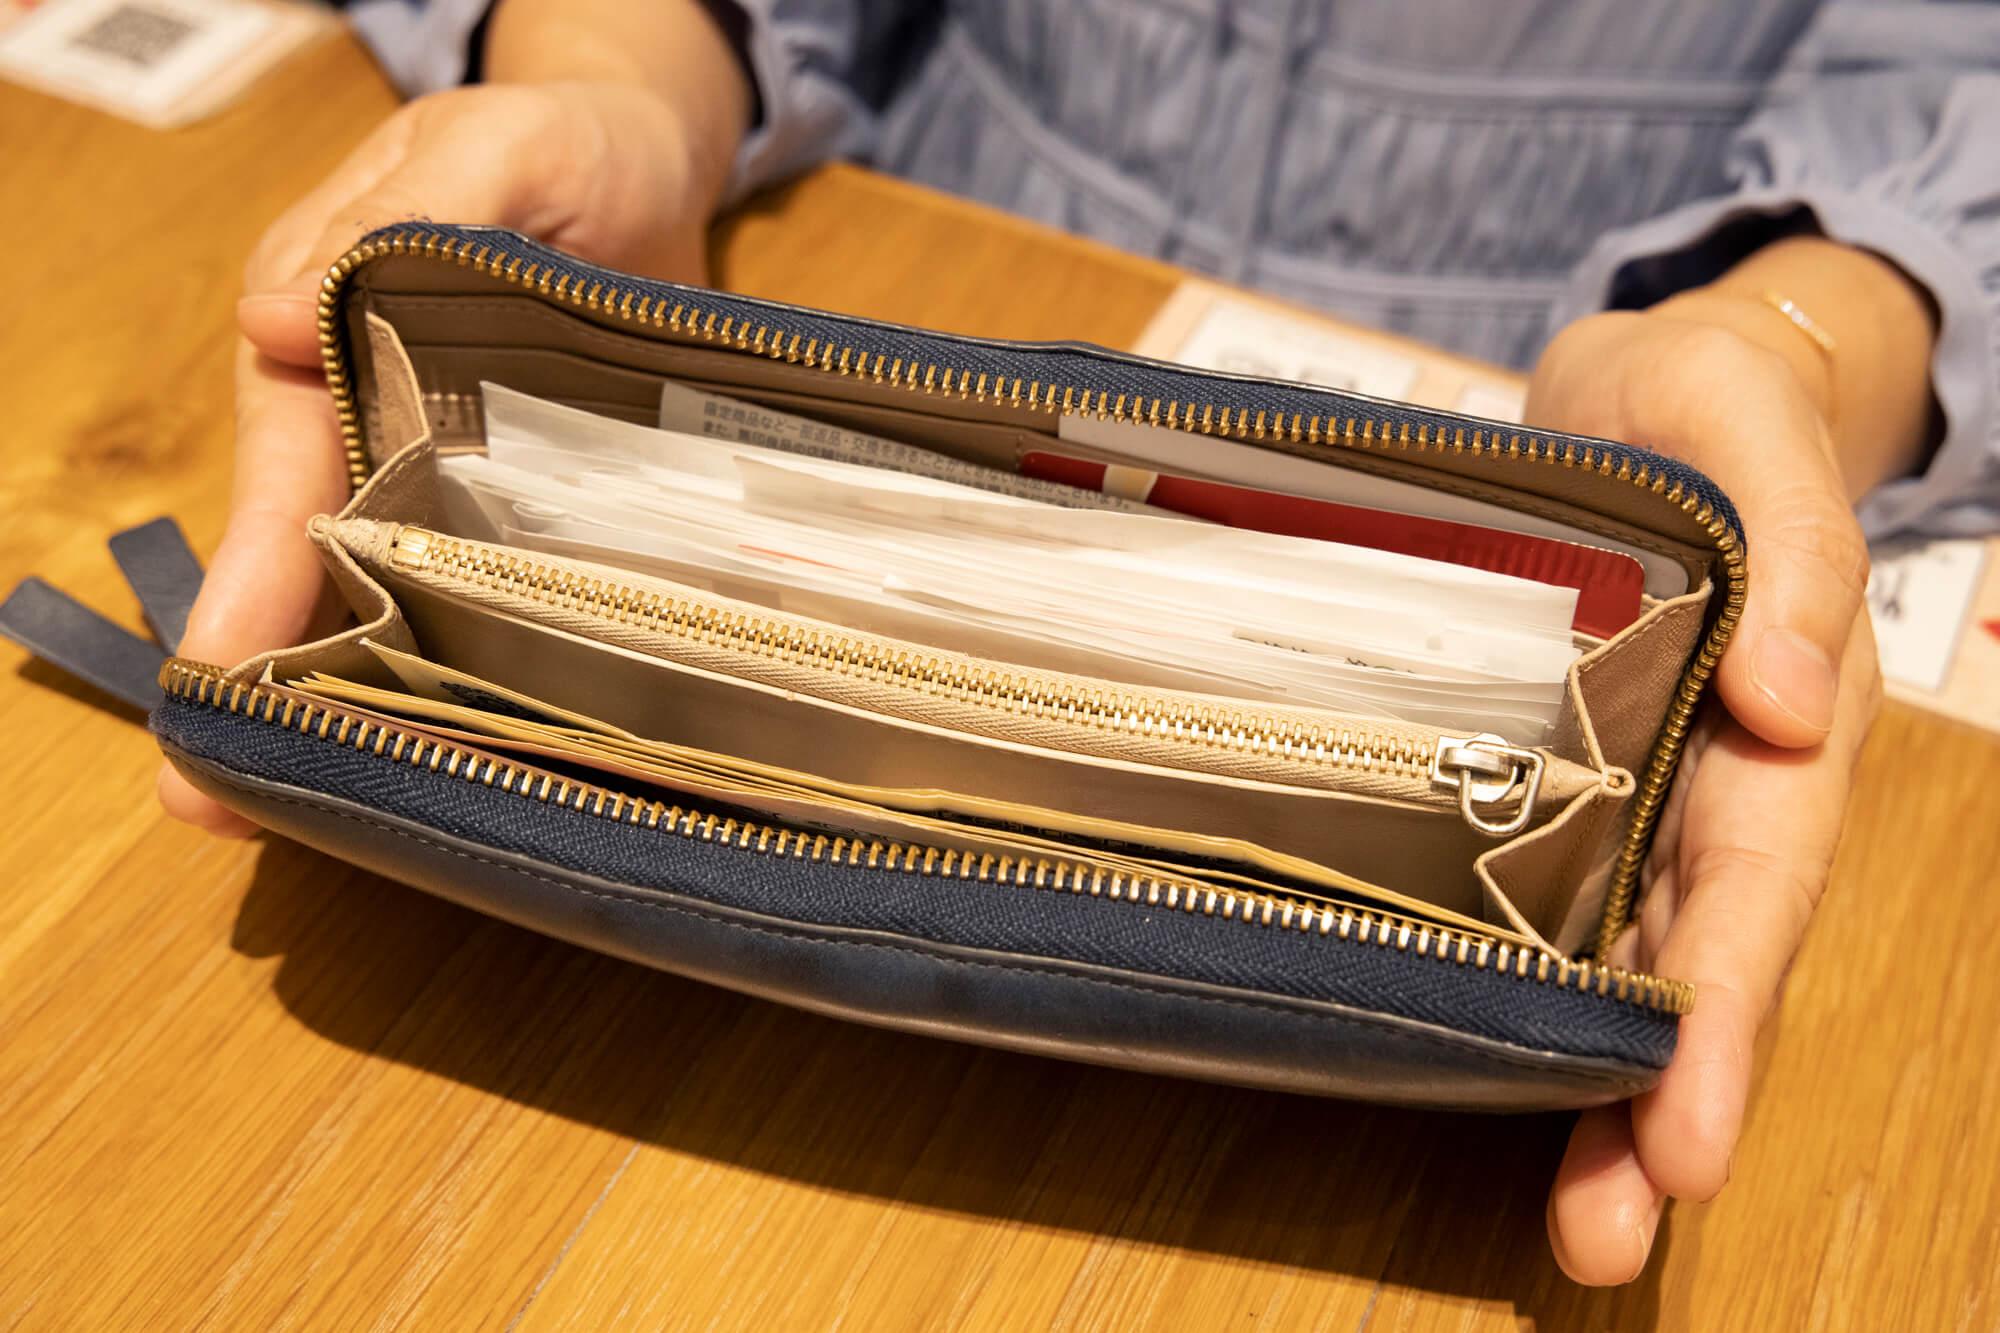 私のいつでもレシートパンパンのお財布がこちら。たまったレシートを数えてみたら、約3週間分で46枚のお財布が入っていました(汗)。